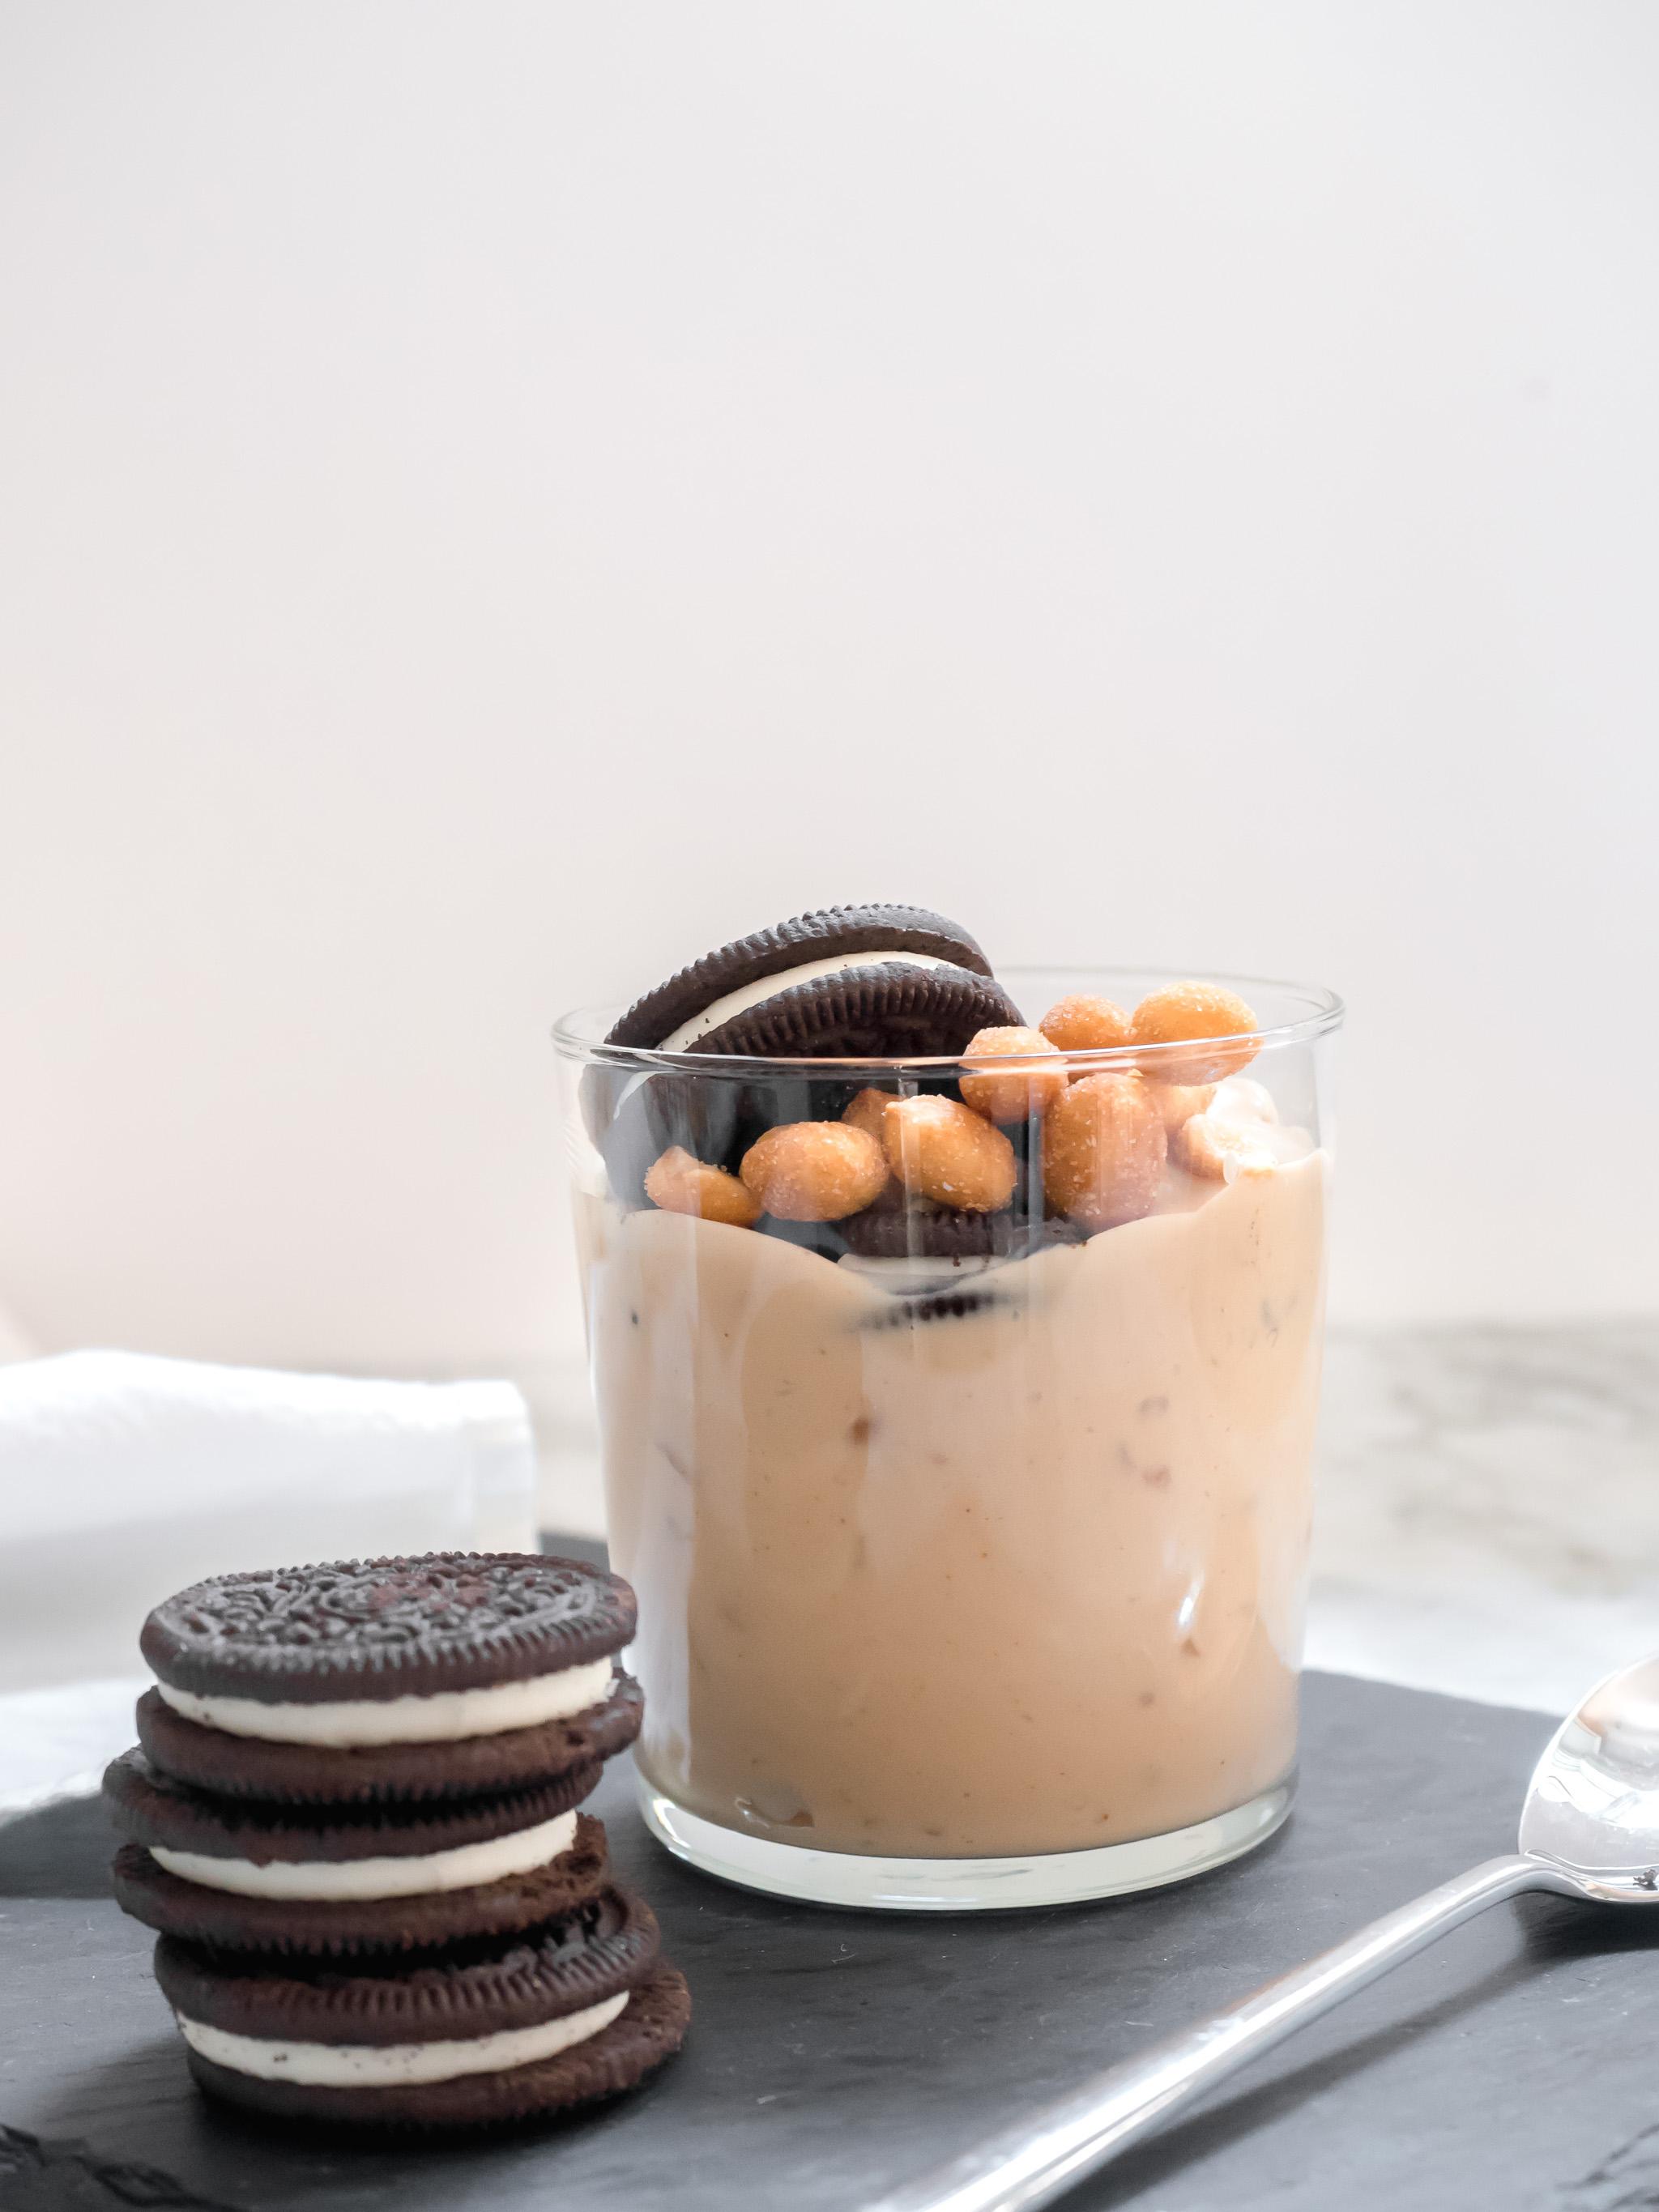 180811_Peanut Butter Pudding_0002.jpg